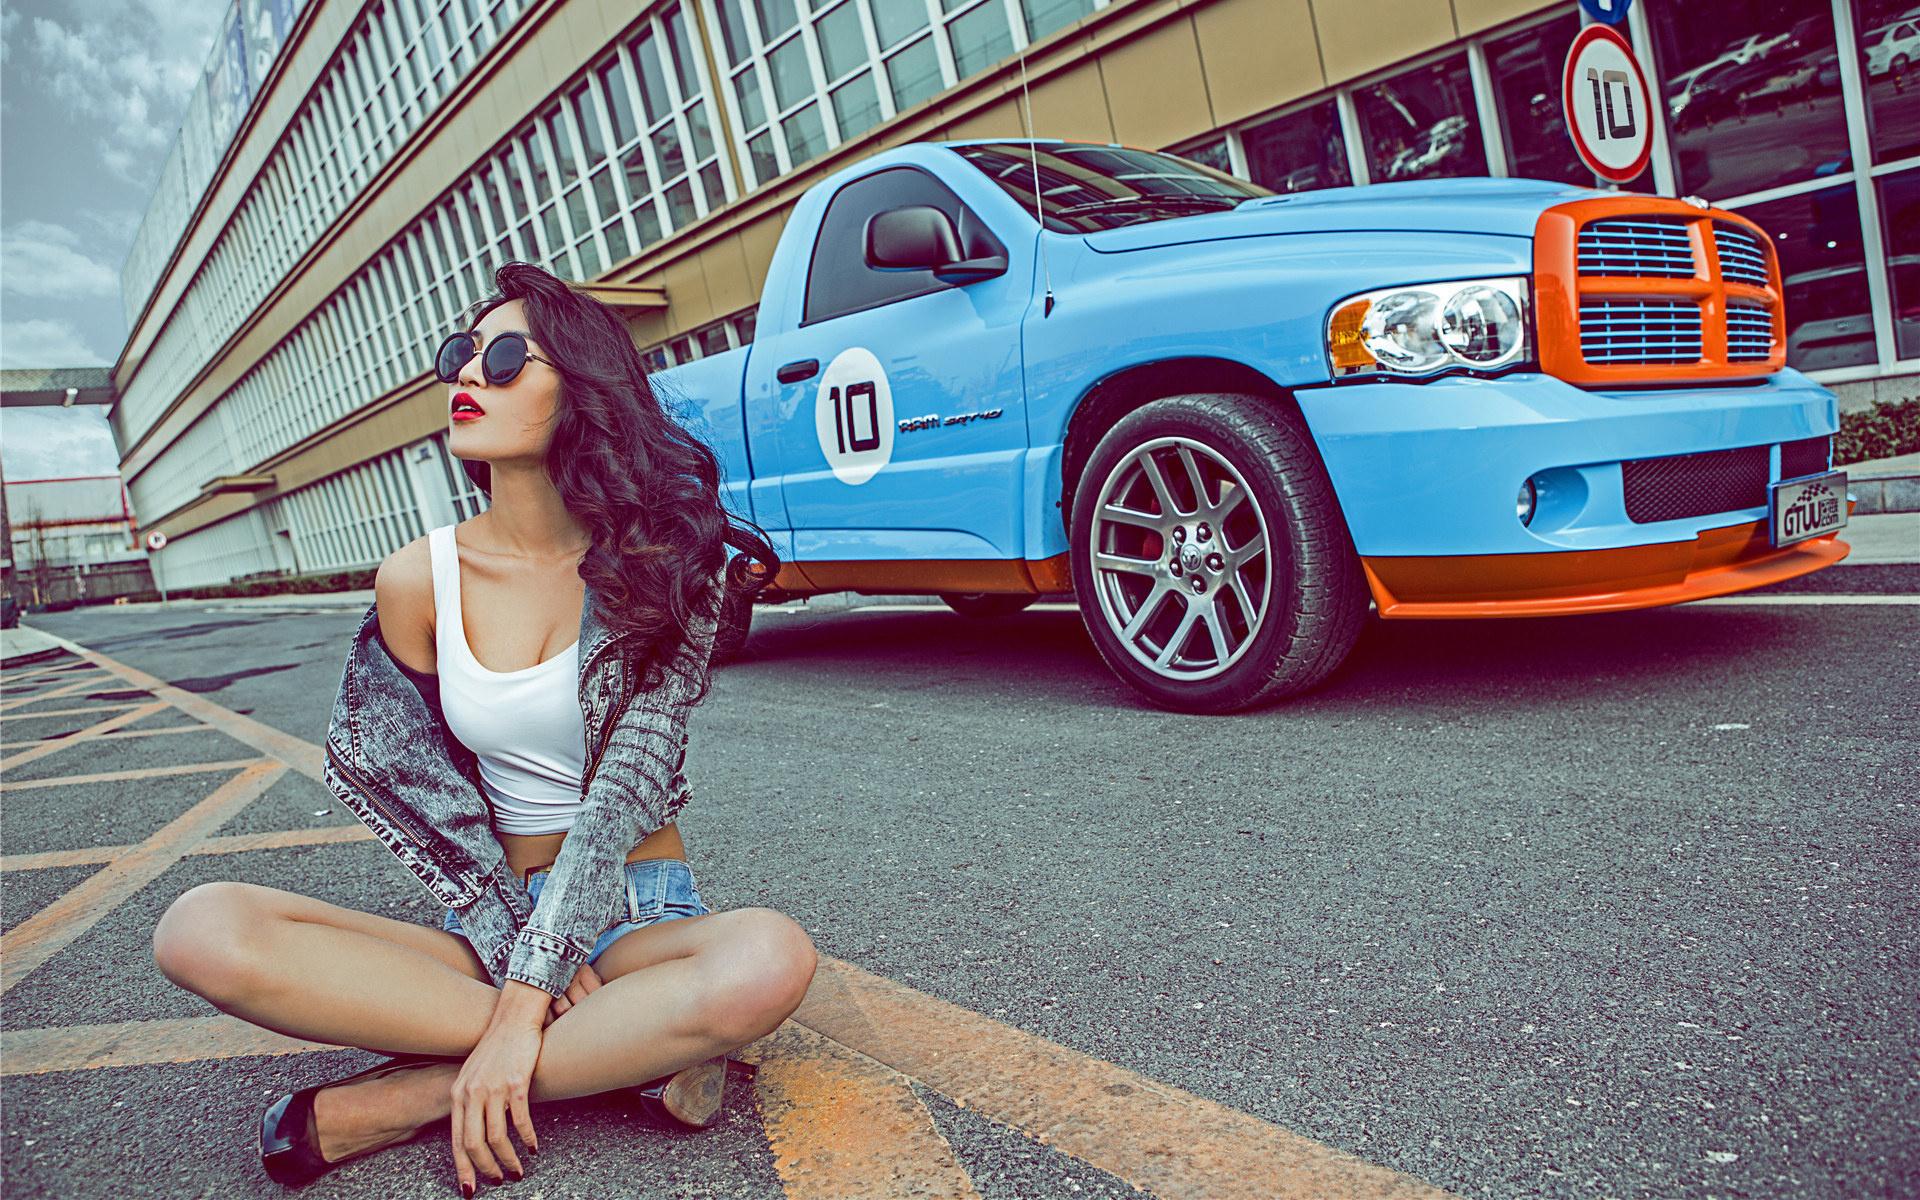 Image: Girl, sitting, road, car, glasses, brunette, asian, model, Dodge Ram, pickup